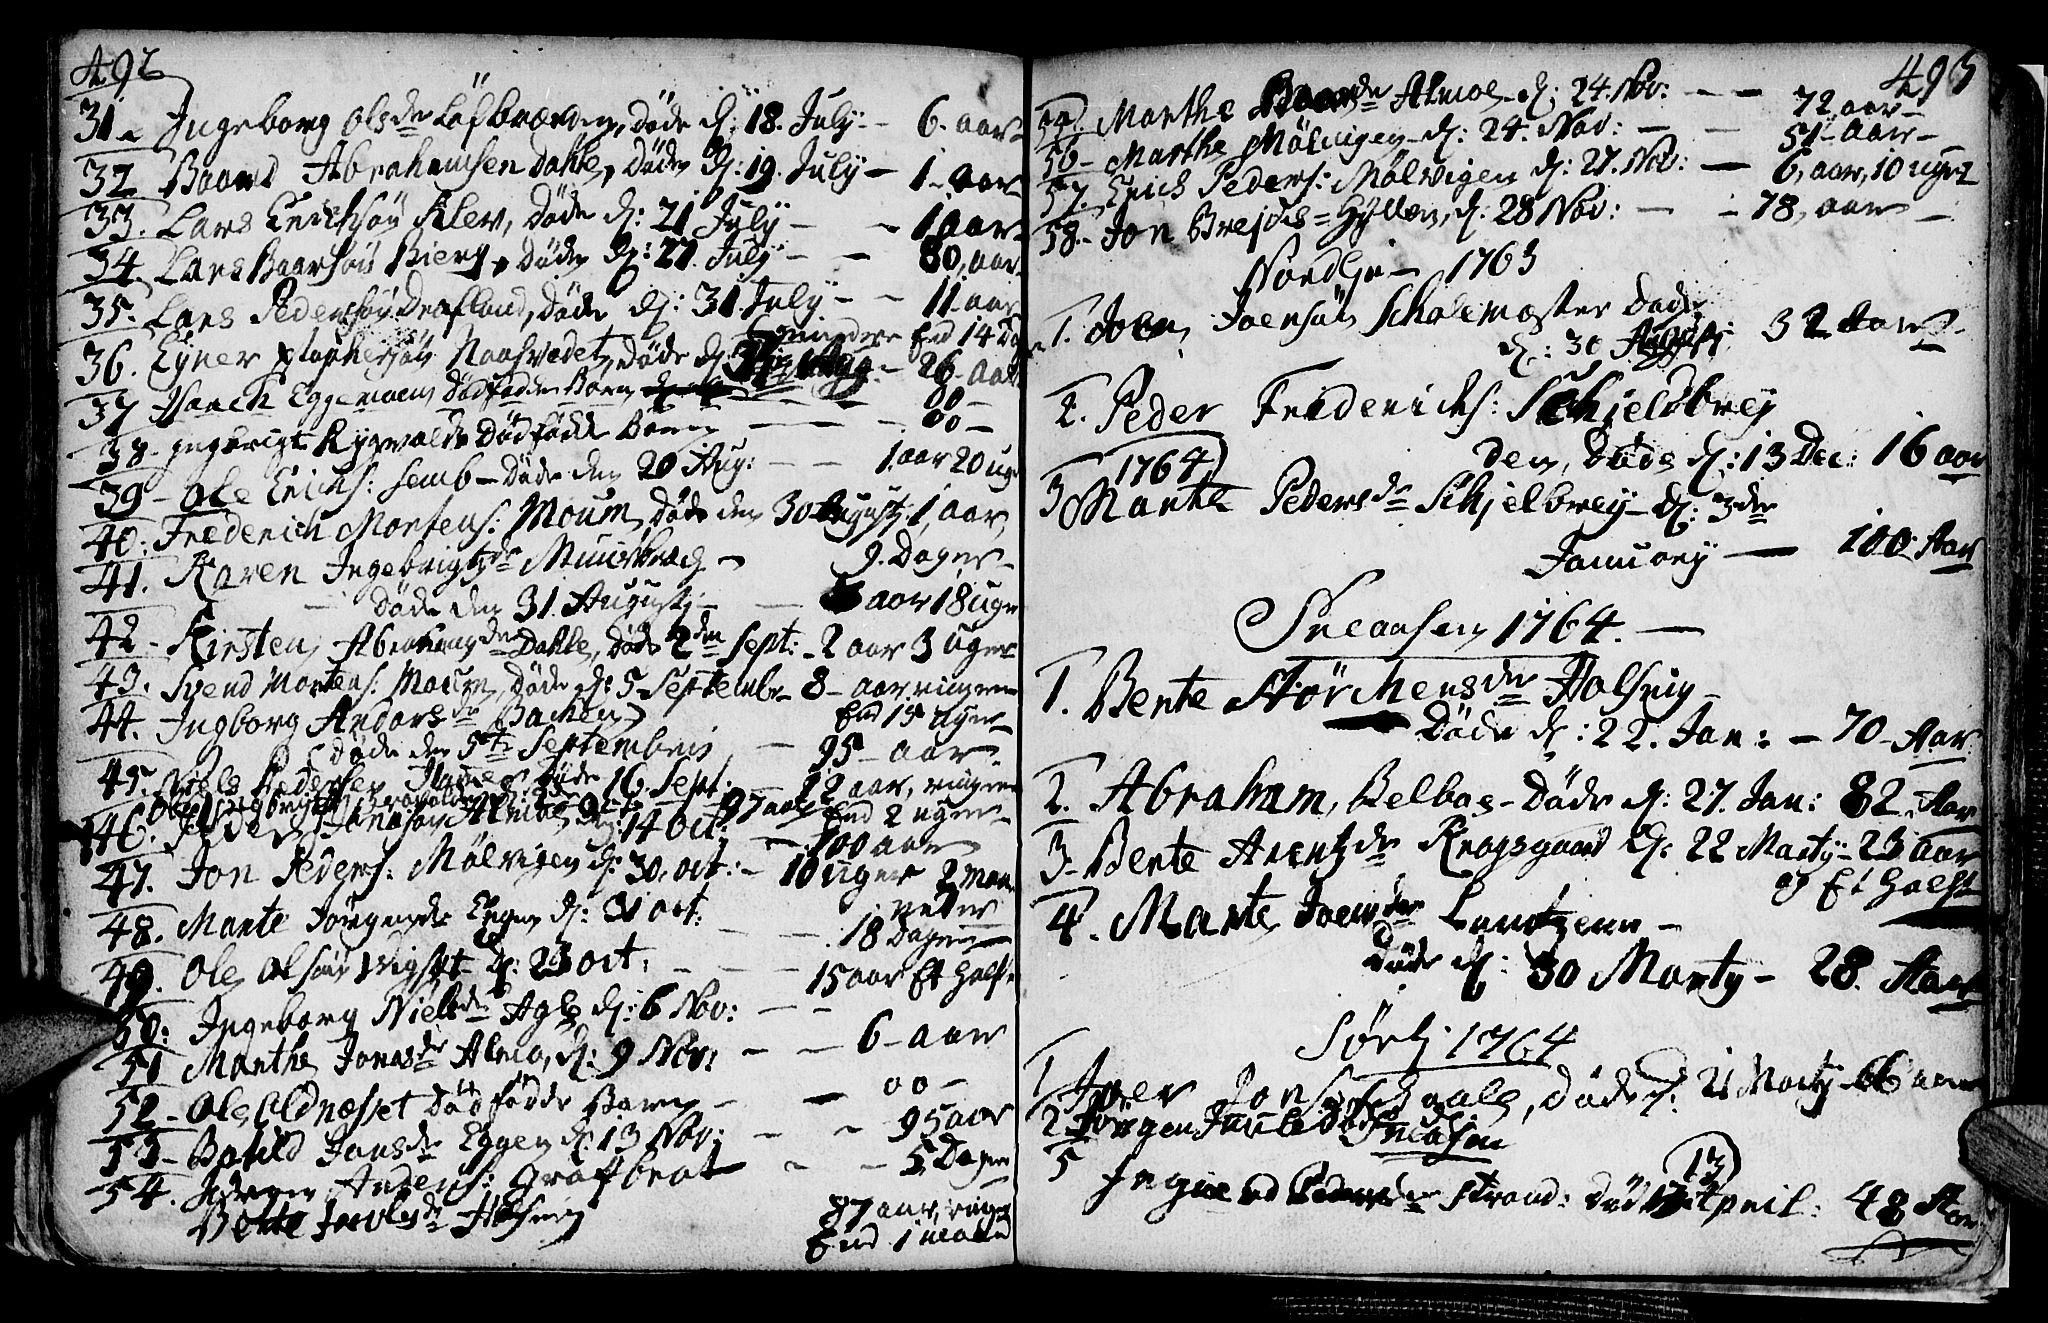 SAT, Ministerialprotokoller, klokkerbøker og fødselsregistre - Nord-Trøndelag, 749/L0467: Ministerialbok nr. 749A01, 1733-1787, s. 492-493